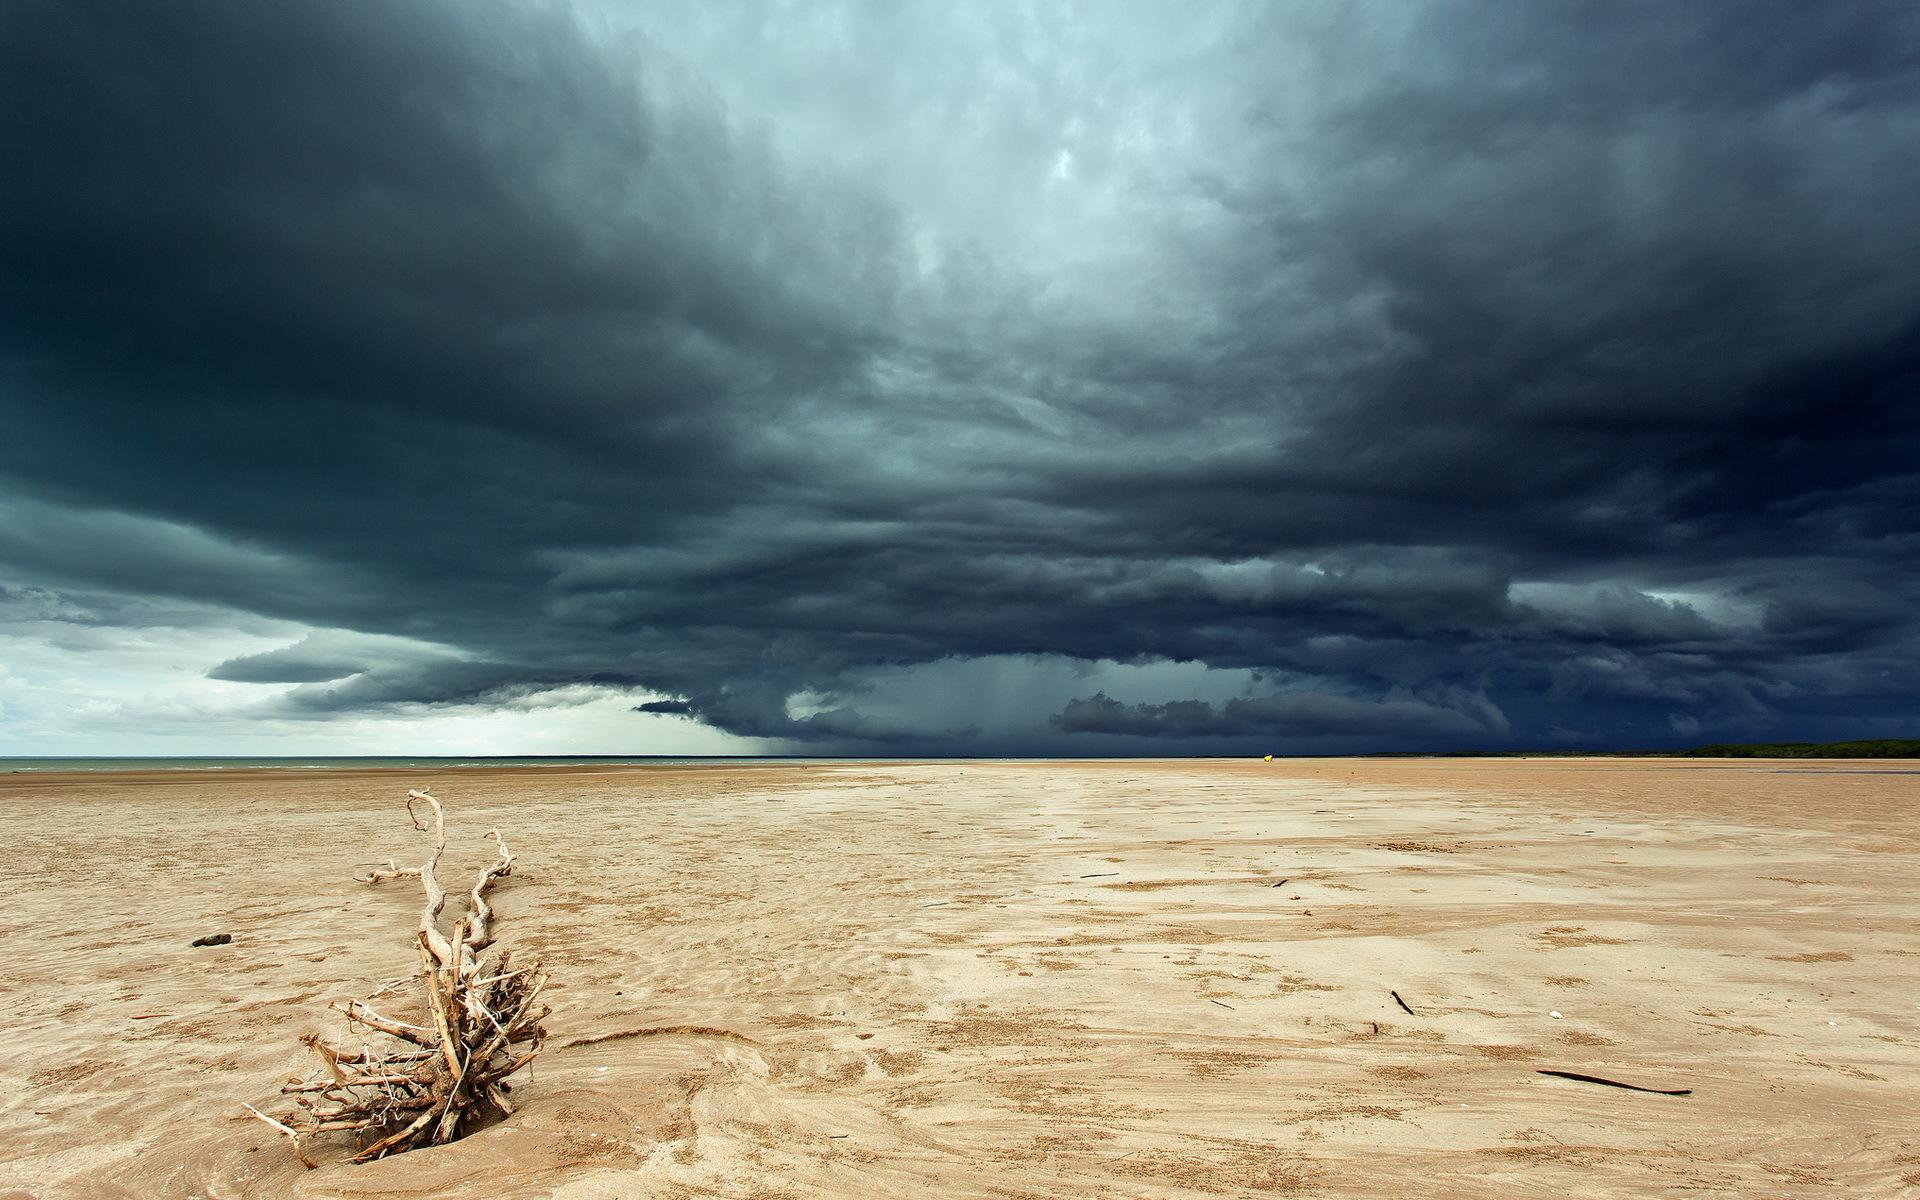 безоблачное небо над пустыней бесплатно